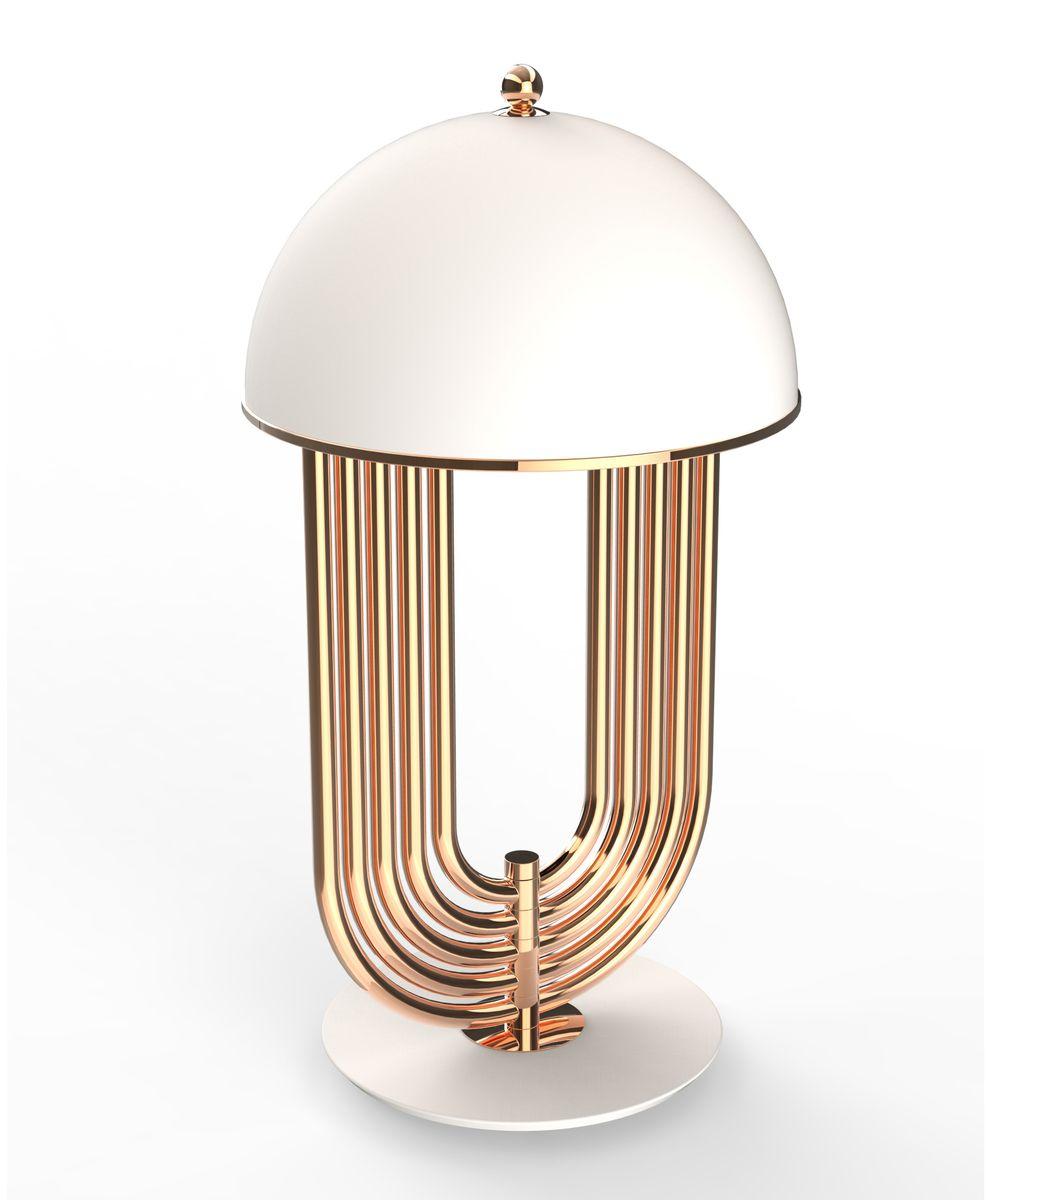 lampe de bureau turner de covet paris en vente sur pamono. Black Bedroom Furniture Sets. Home Design Ideas